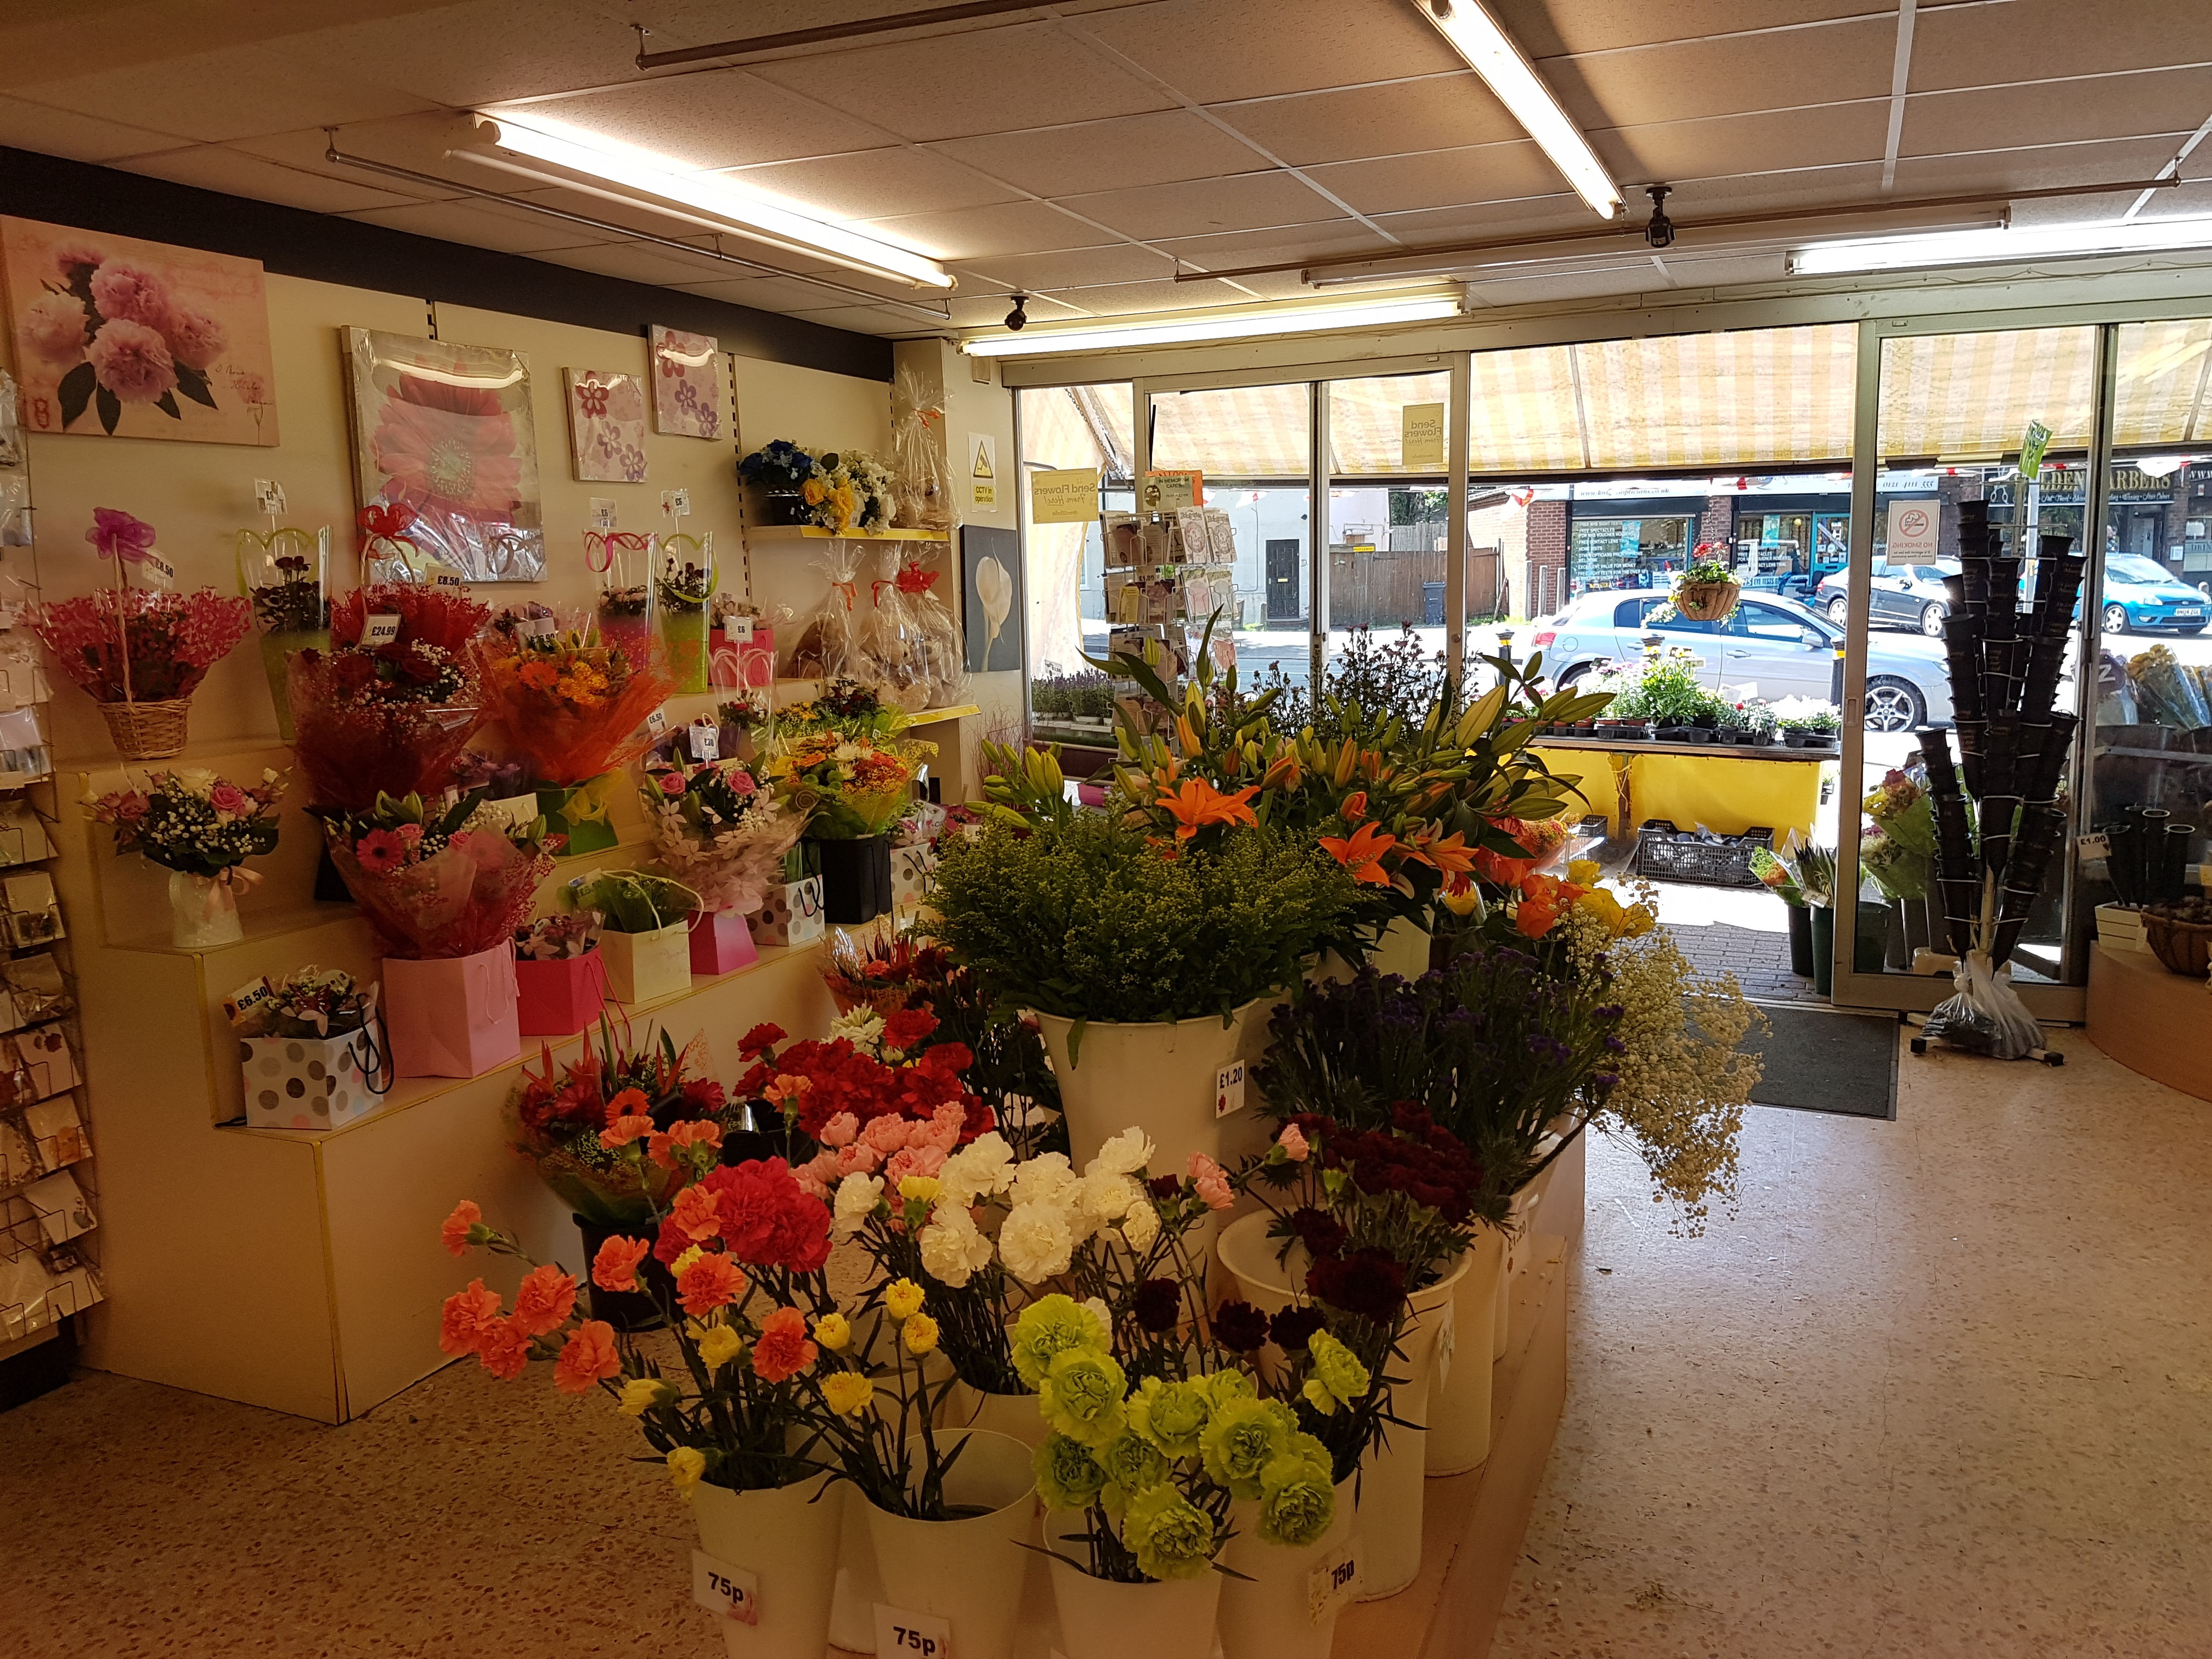 Buttercups & Daisies Florist Birmingham - West Midlands, West Midlands B29 5LB - 01214 766534 | ShowMeLocal.com